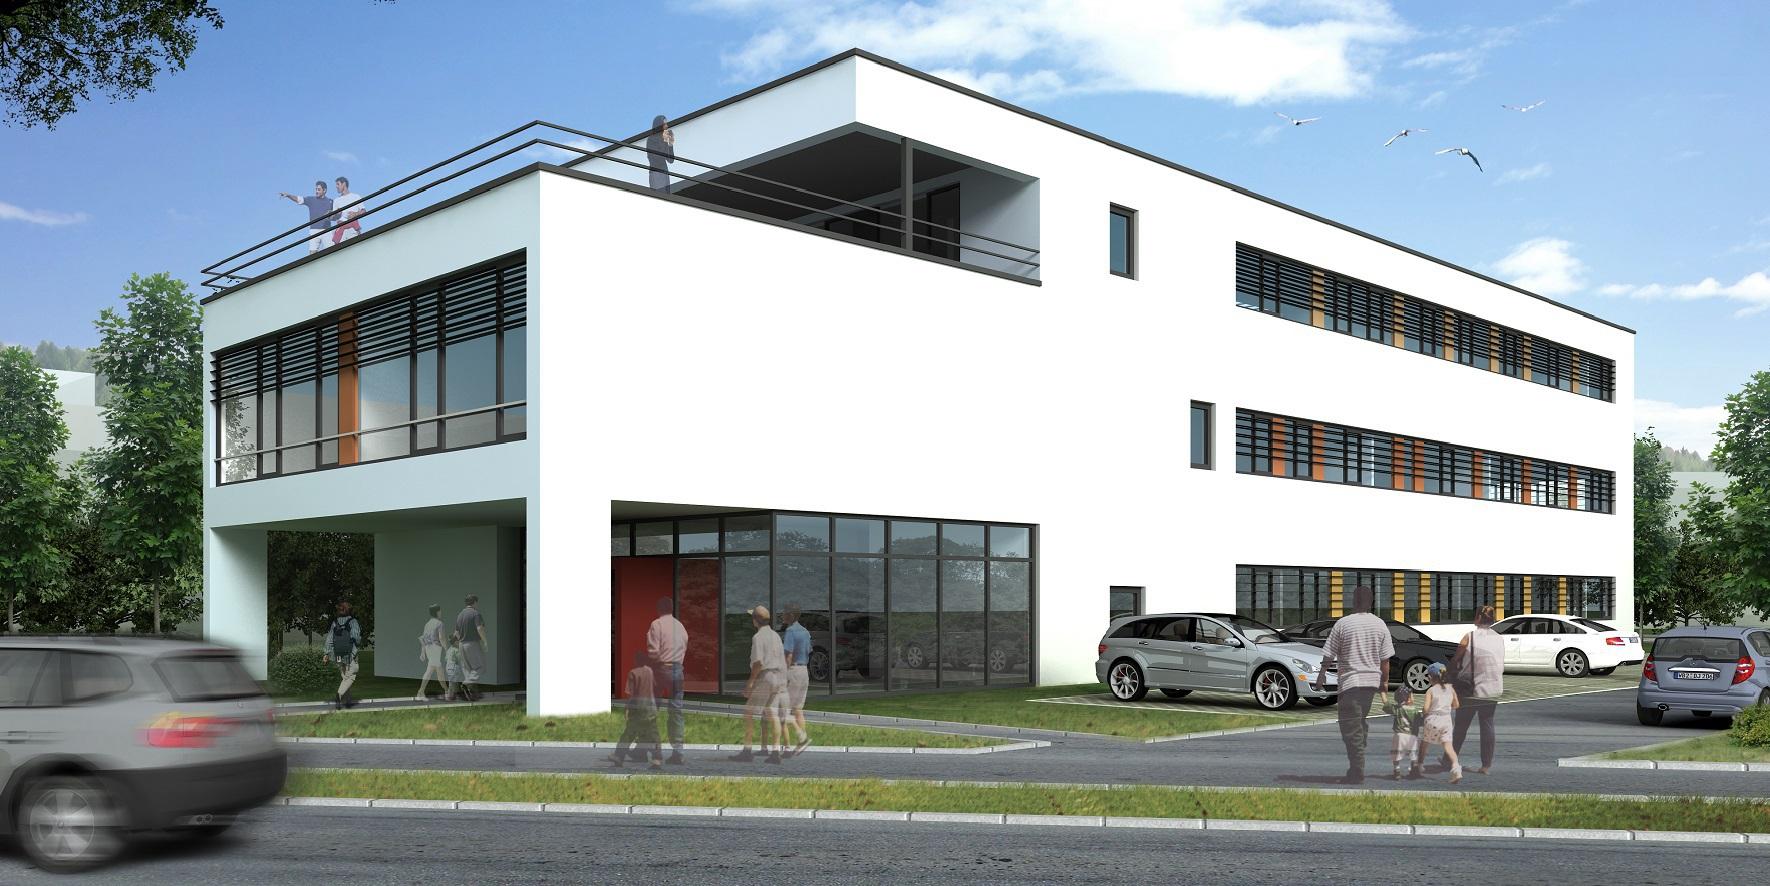 Büro- und Verwaltungsgebäude in Gummersbach